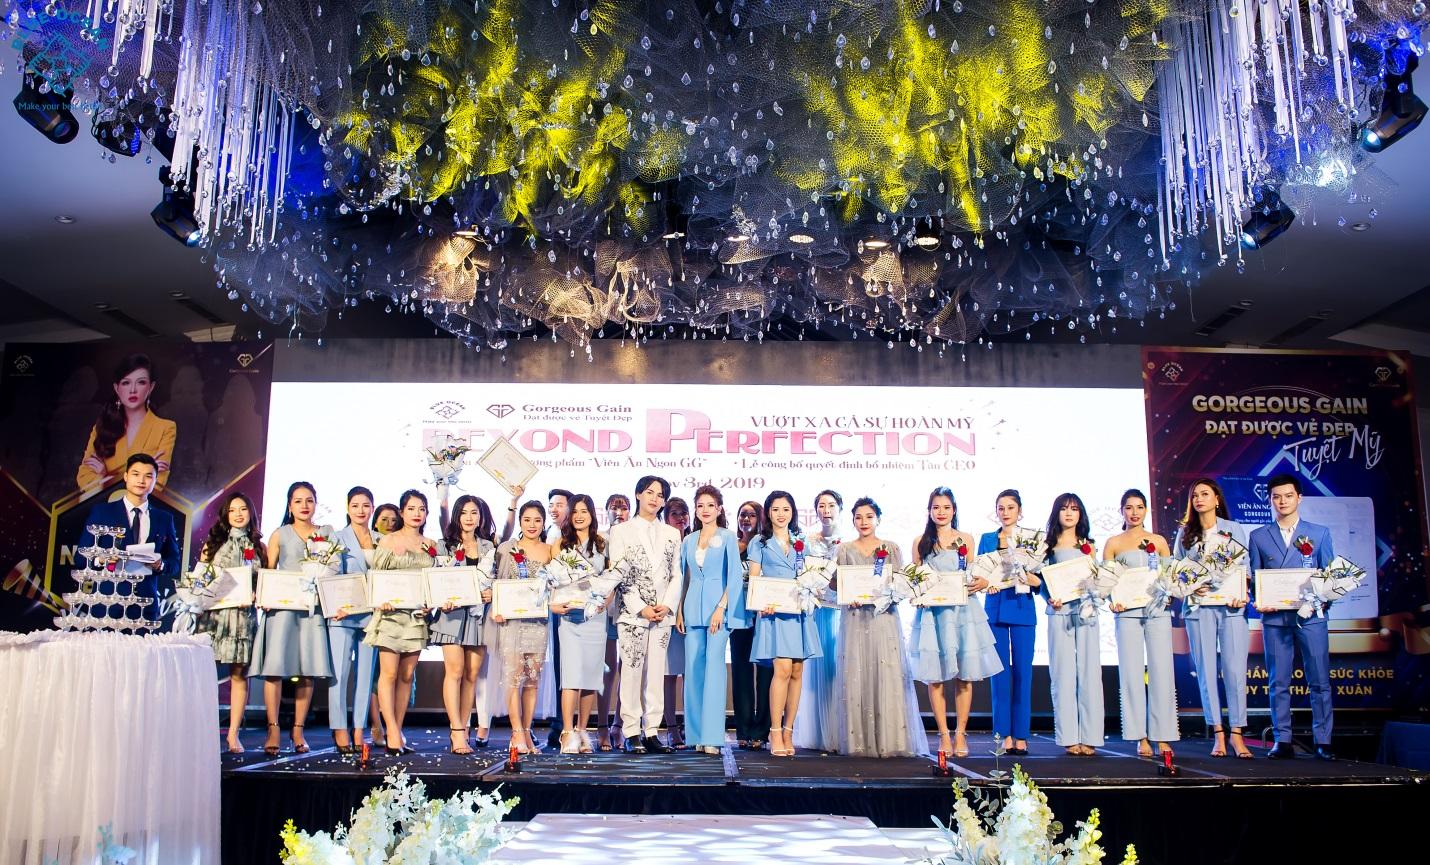 Công ty dược phẩm quốc tế Blue Ocean tổ chức lễ giới thiệu sản phẩm mới và vinh danh hệ thống nhà phân phối xuất sắc  - Ảnh 2